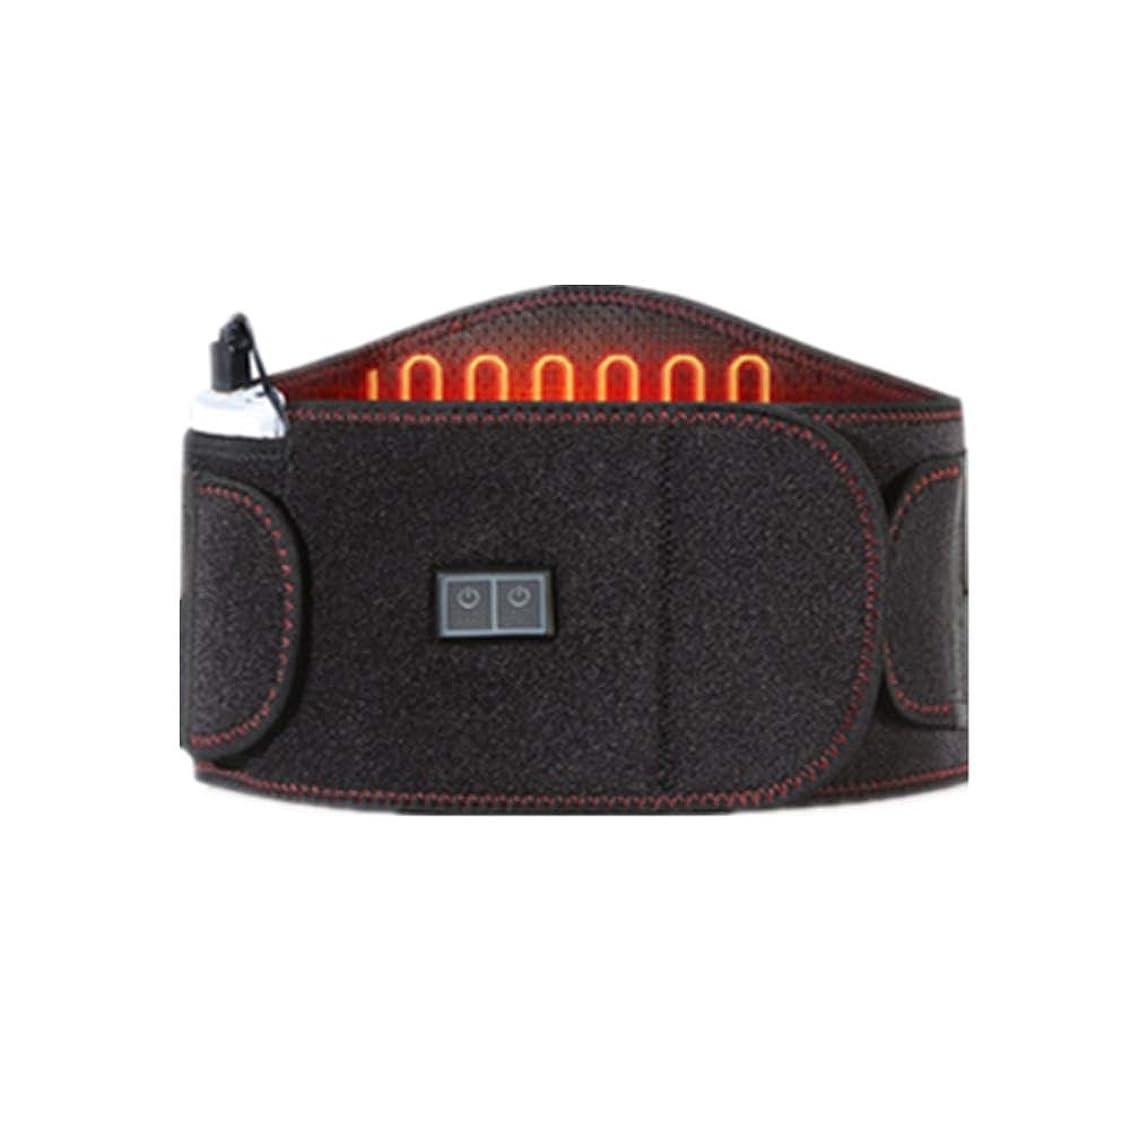 立場白菜ポインタ加熱ウエストベルト、ブレースサポート加熱パッド腰部、腰椎痛緩和療法、周波数振動がタイトな筋肉を緩和する、暖かい理学療法USBパワーバンク